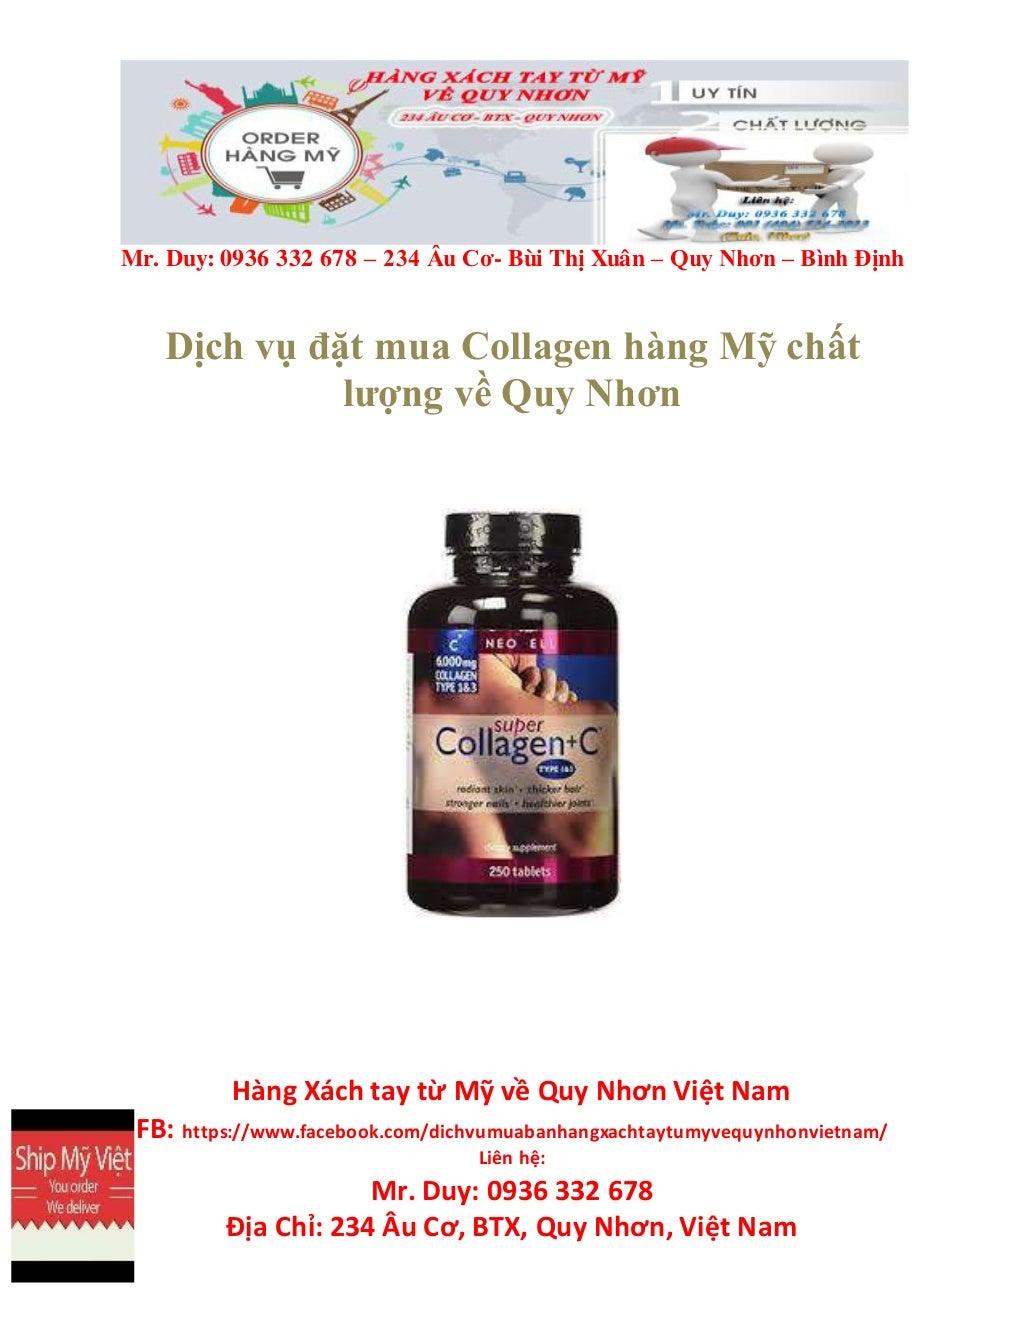 Ở đâu đặt thuốc bổ xách tay ở Quy Nhơn uy tín - Magazine cover